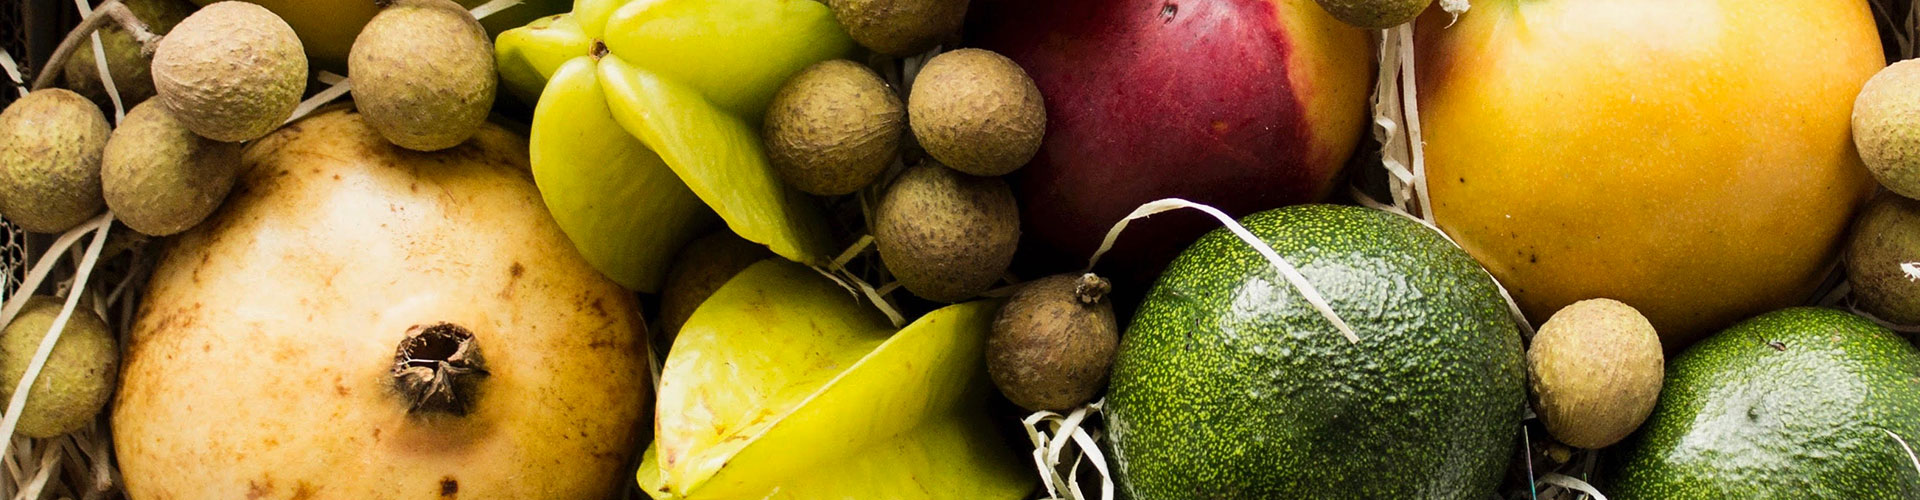 Frutas tropicales de temporada